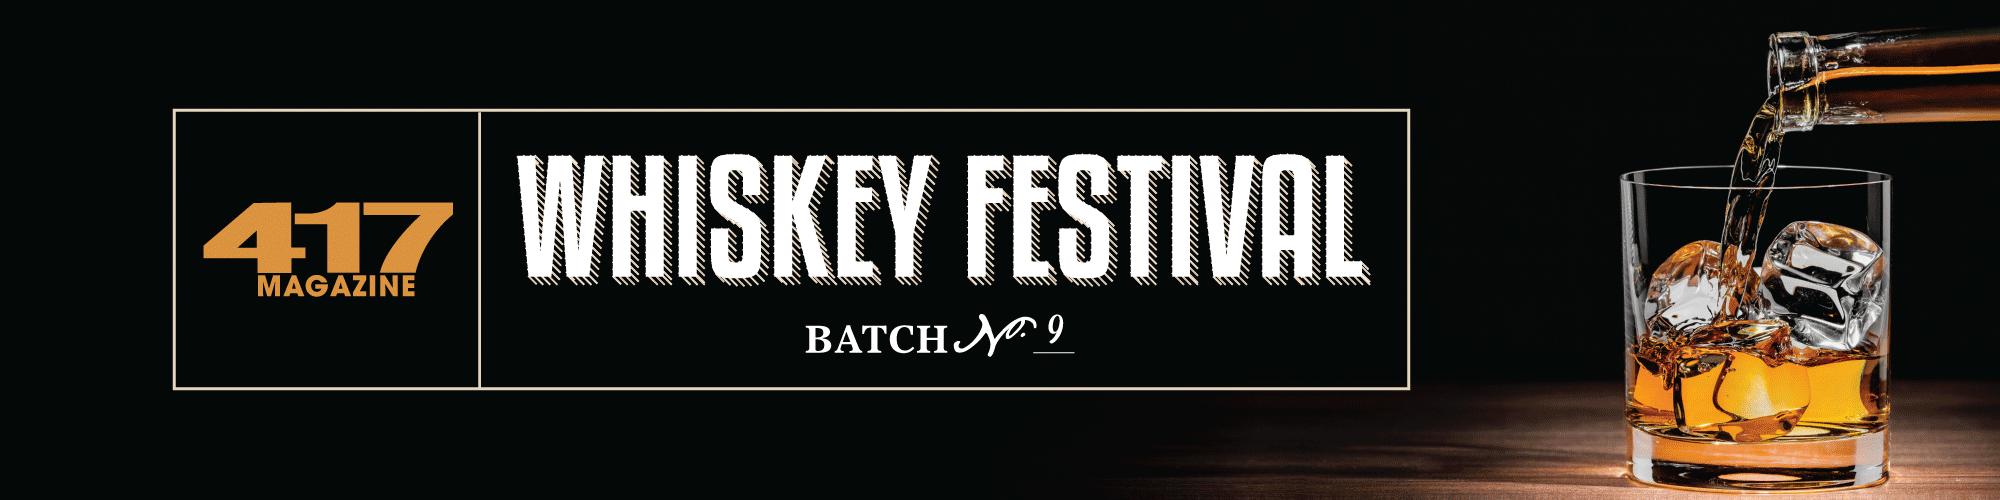 417 Magazine's Whiskey Festival